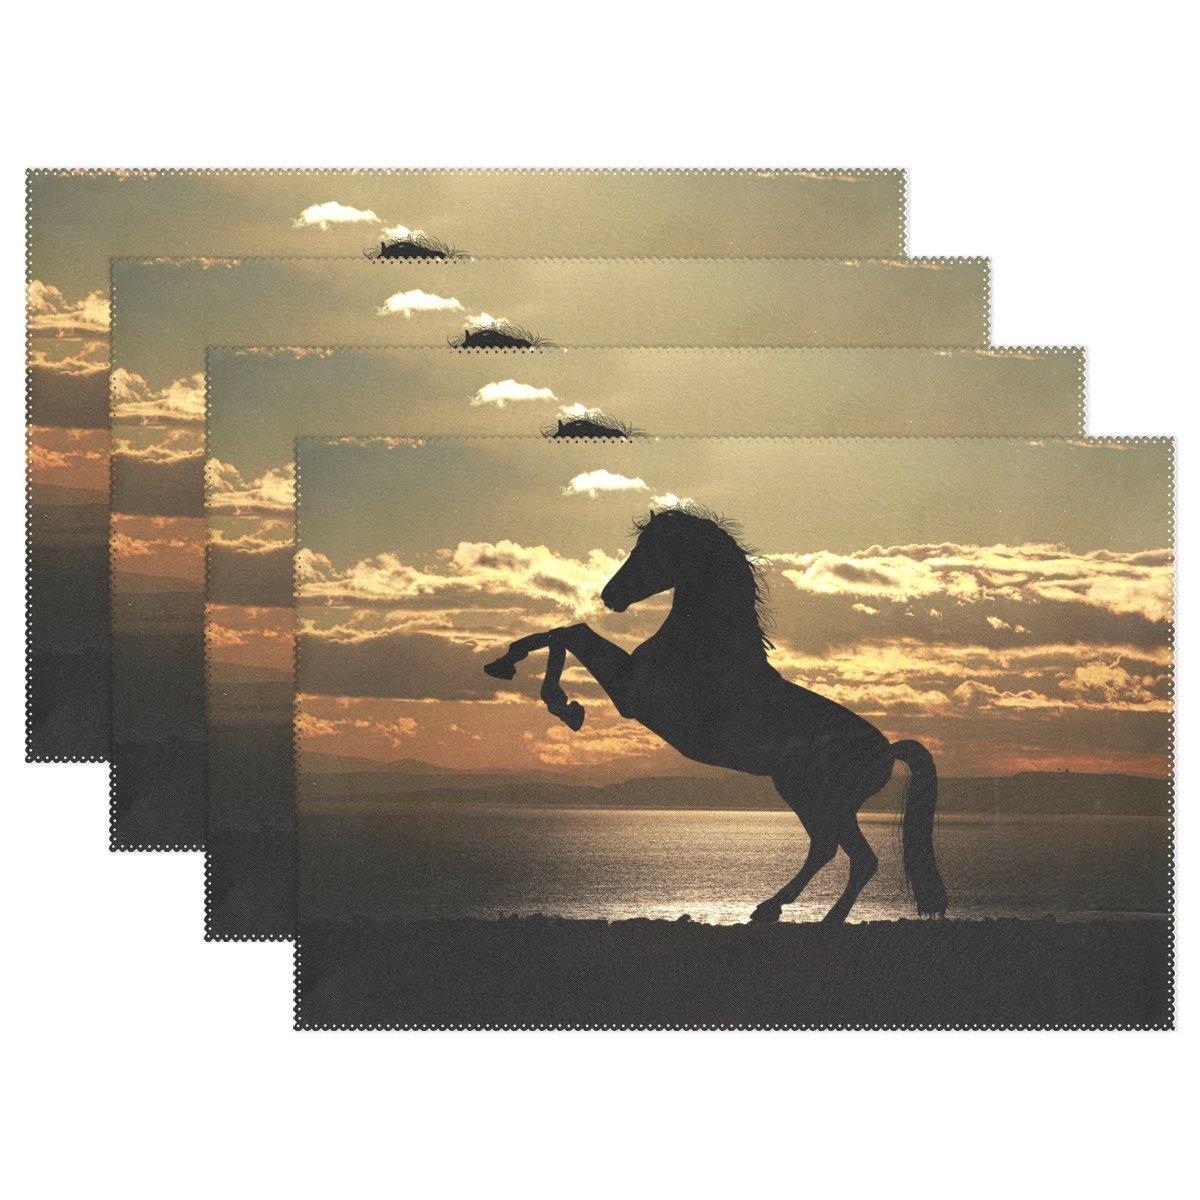 Horse [印刷サンセット、プレースマットalirea耐熱プレースマット汚れ防止滑り防止洗濯可能ポリエステルテーブルマット非スリップEasy Cleanプレースマット、12